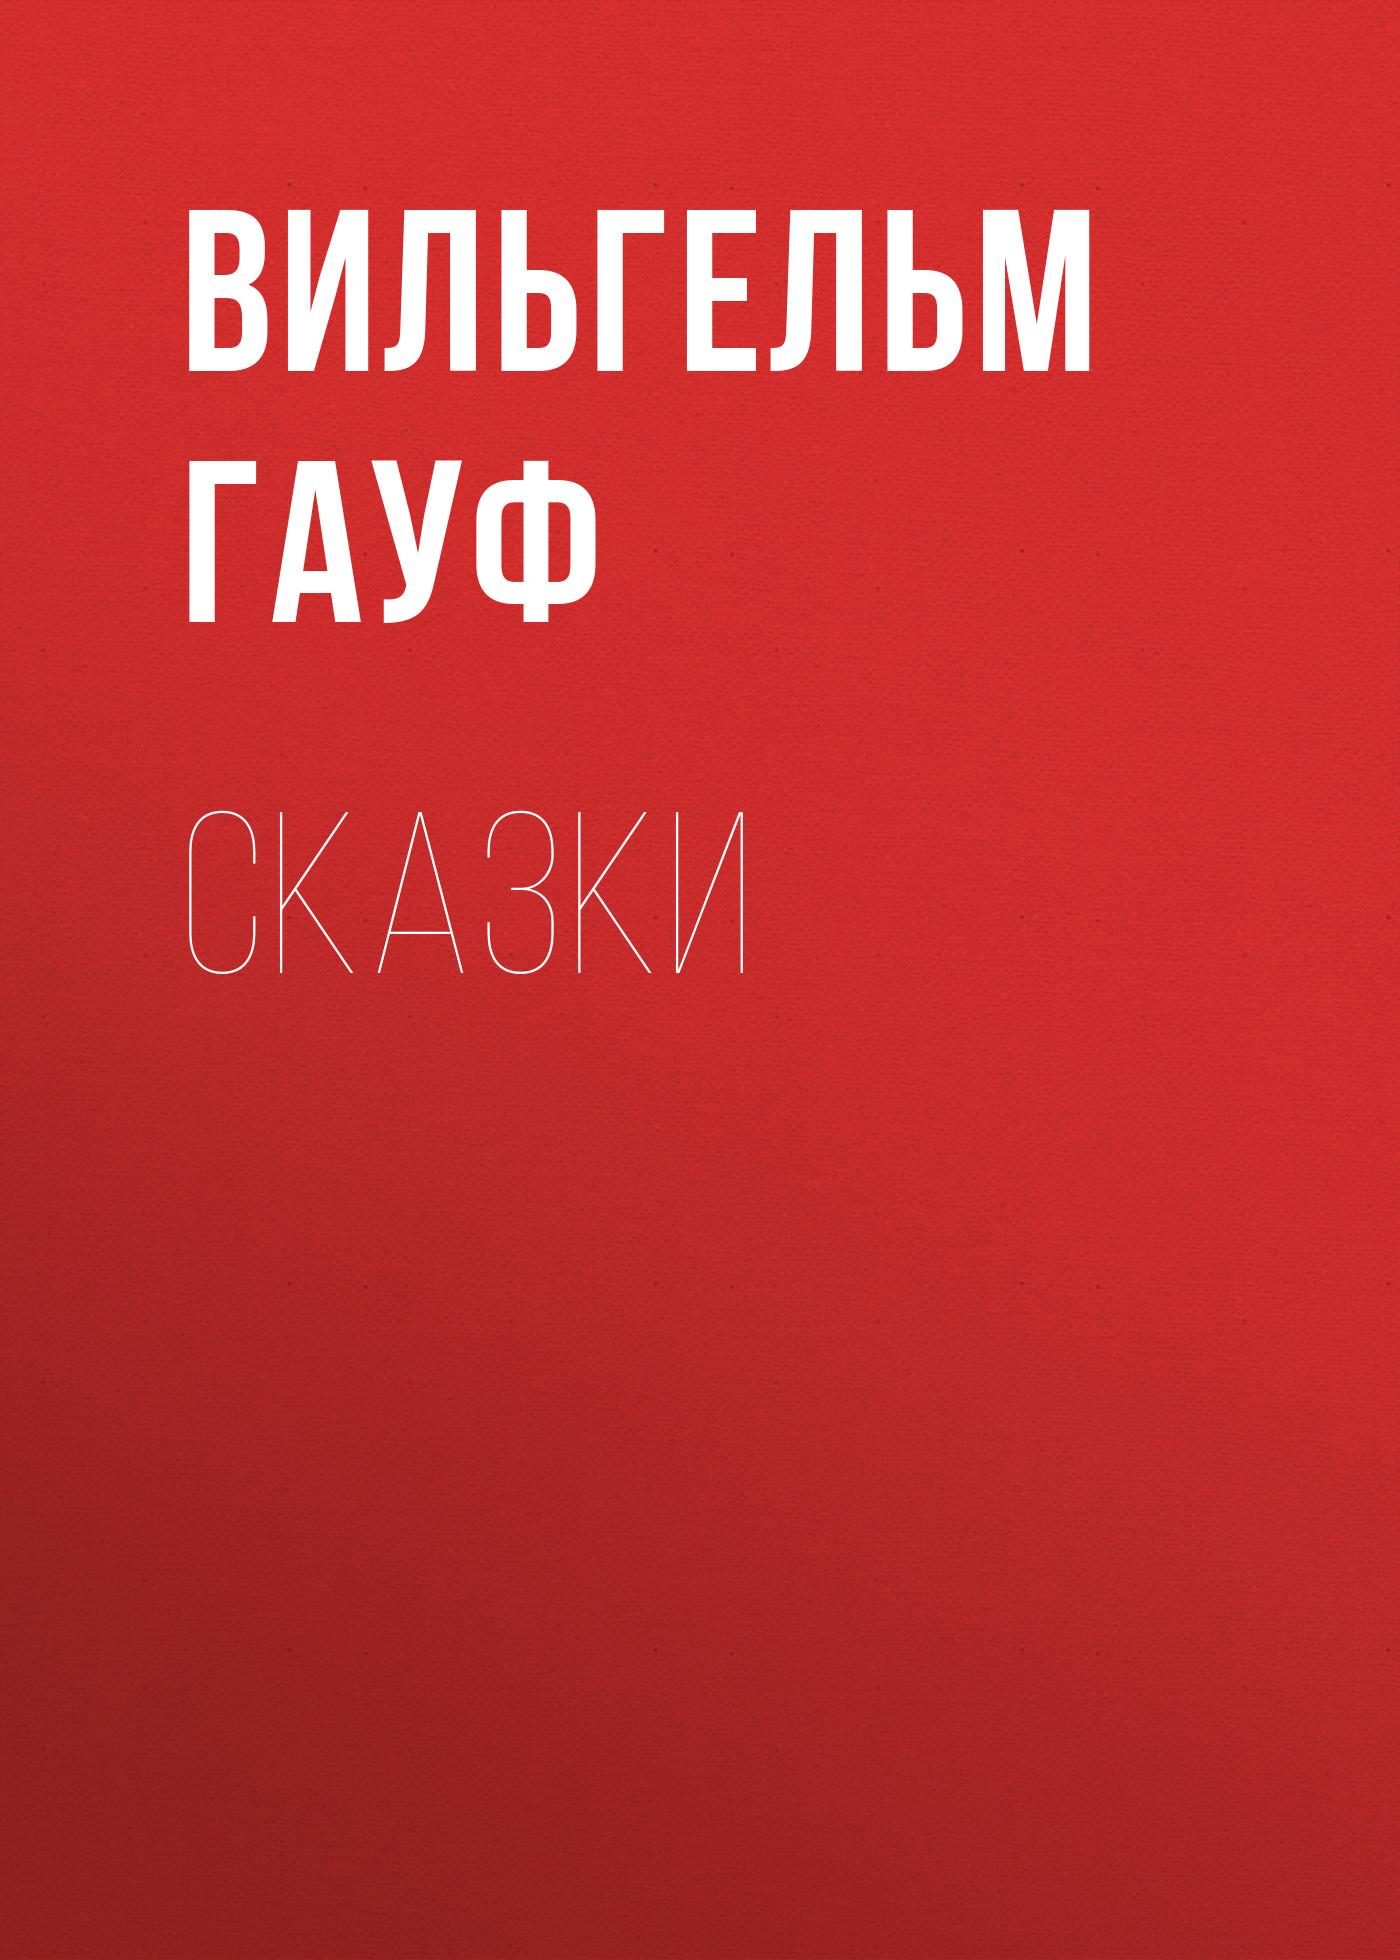 Вильгельм Гауф Сказки гауф в вильгельм гауф сказки в двух томах комплект из 2 книг